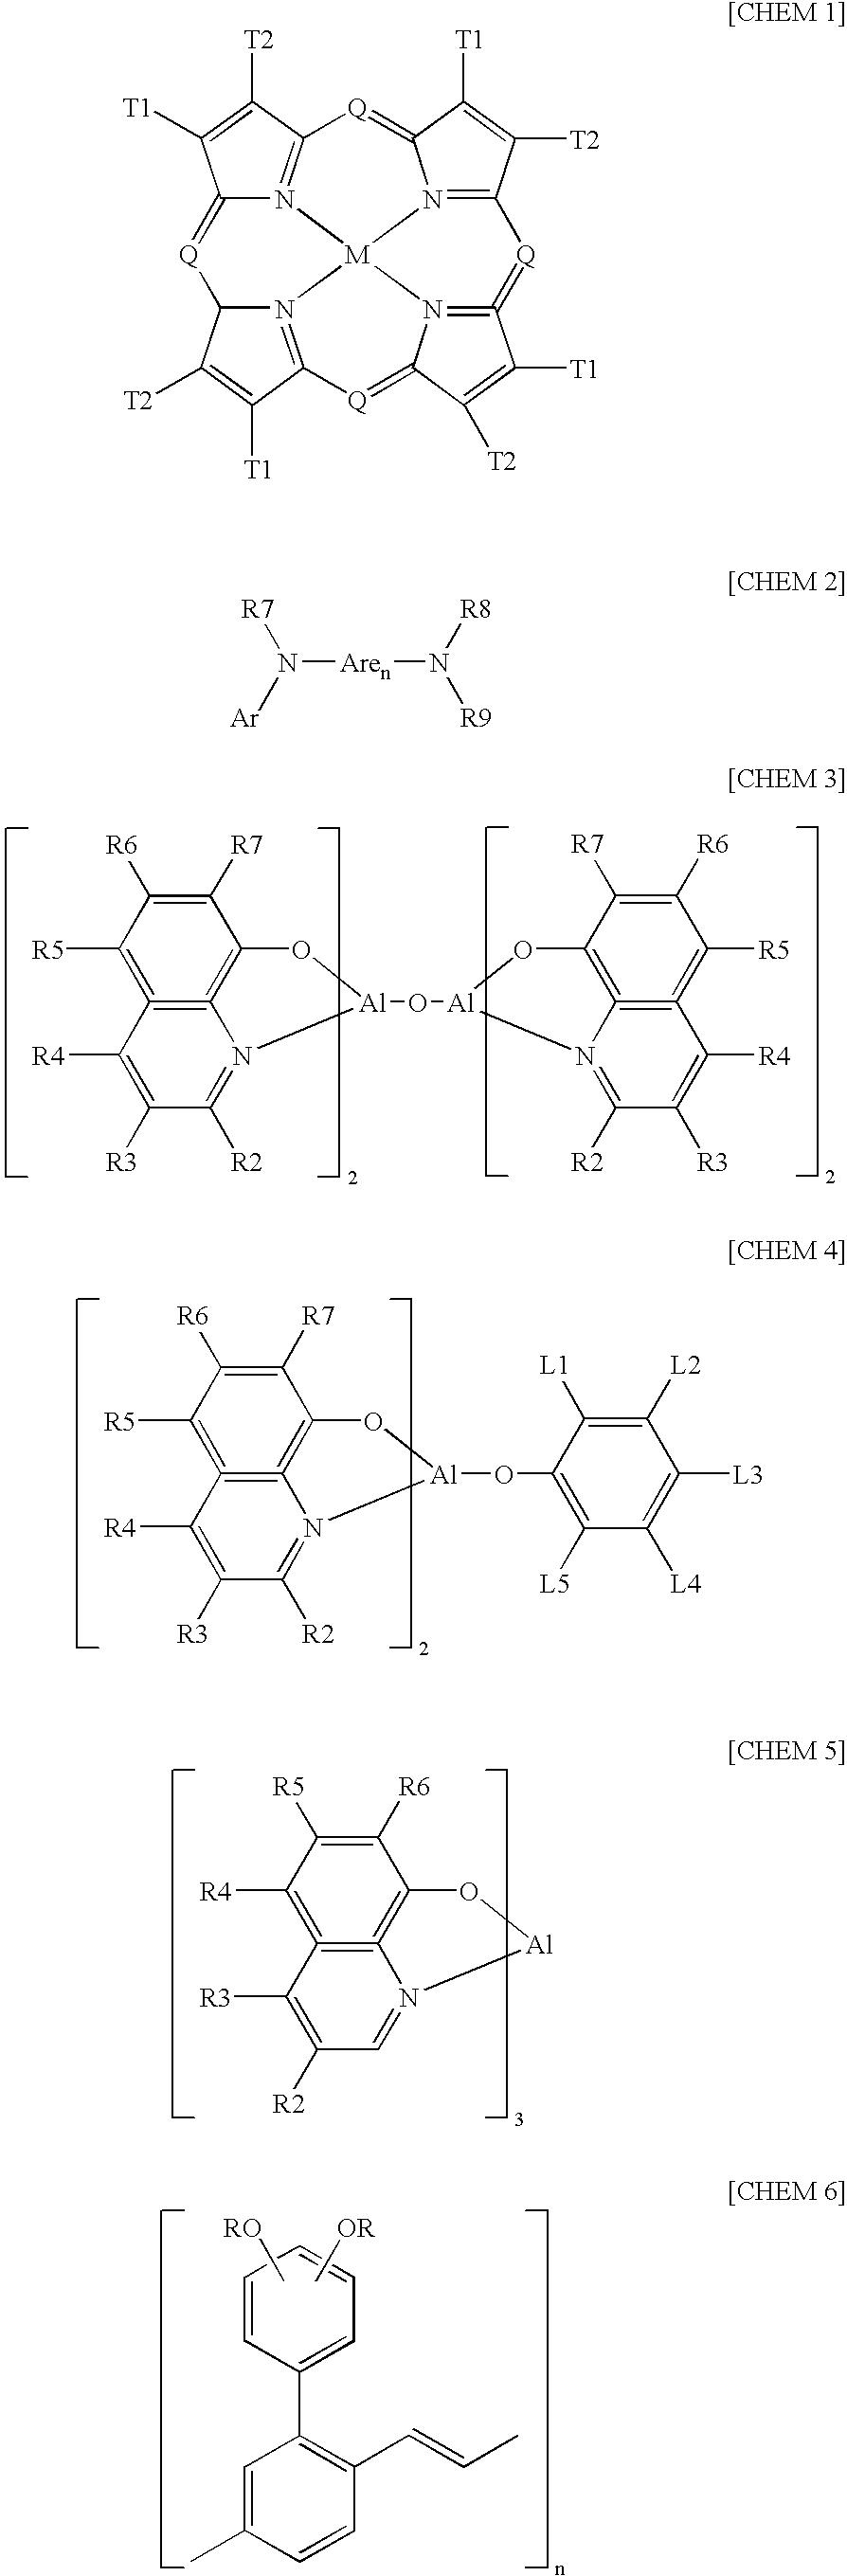 Figure US20050206313A1-20050922-C00001